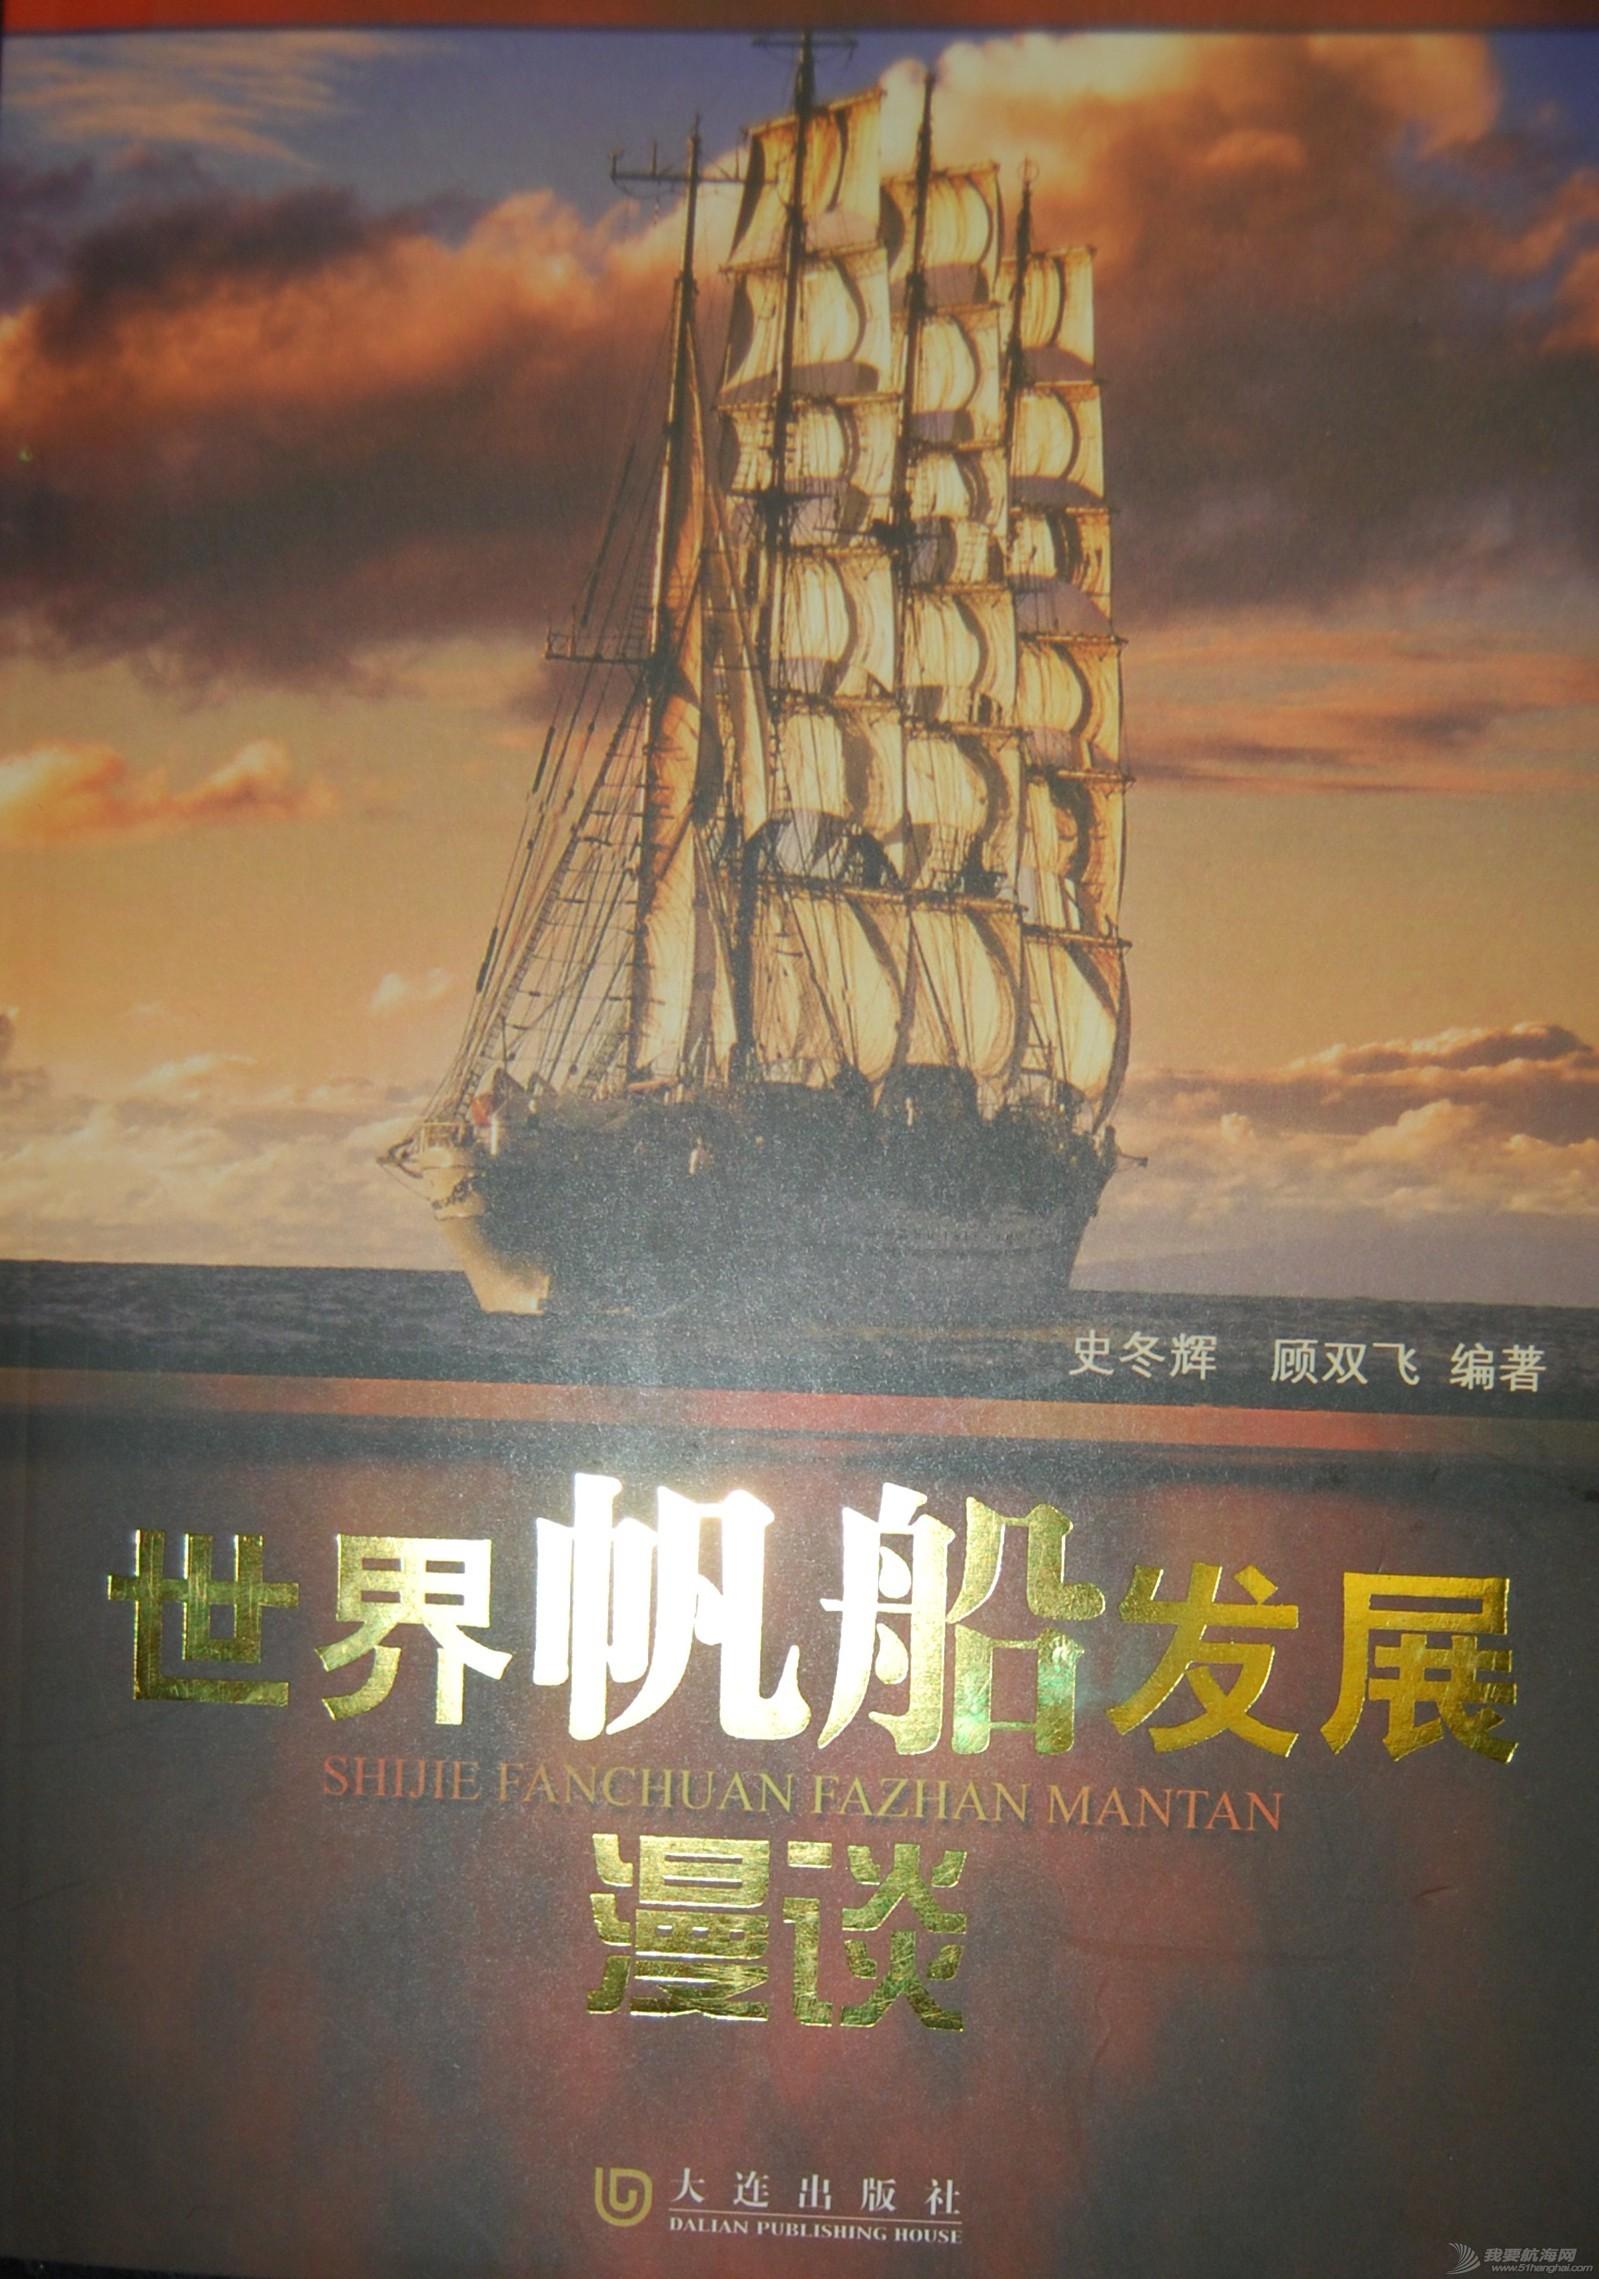 帆船 世界帆船发展漫谈